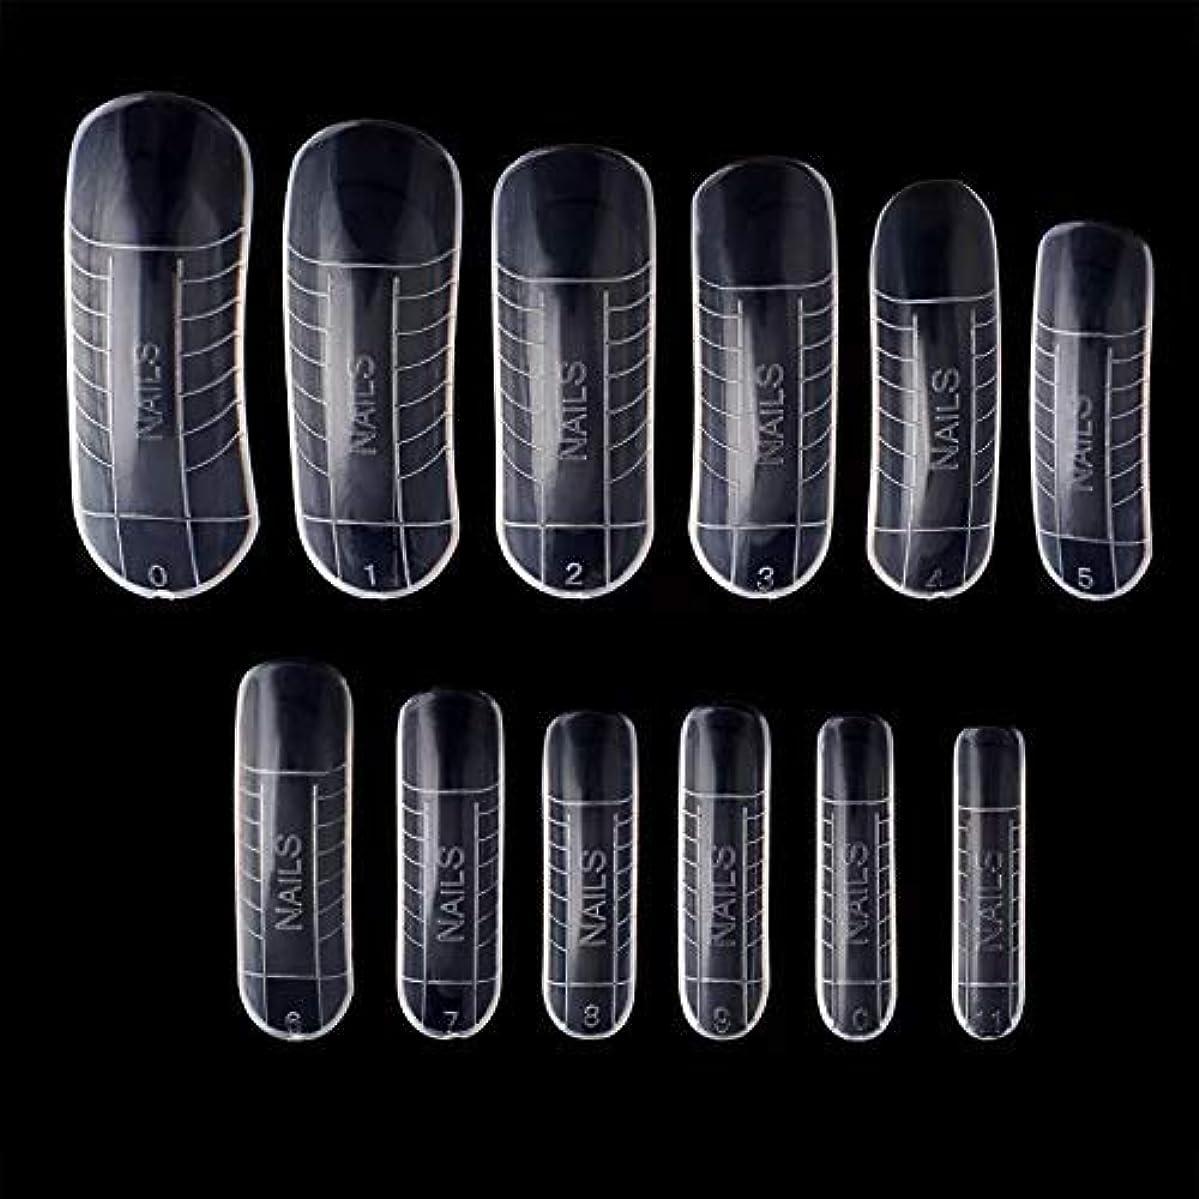 申し立て引き出し遺伝子ポリジェル用 ネイルデュアルフォーム 12サイズ×2(24枚セット) 繰り返し使える ネイルチップ